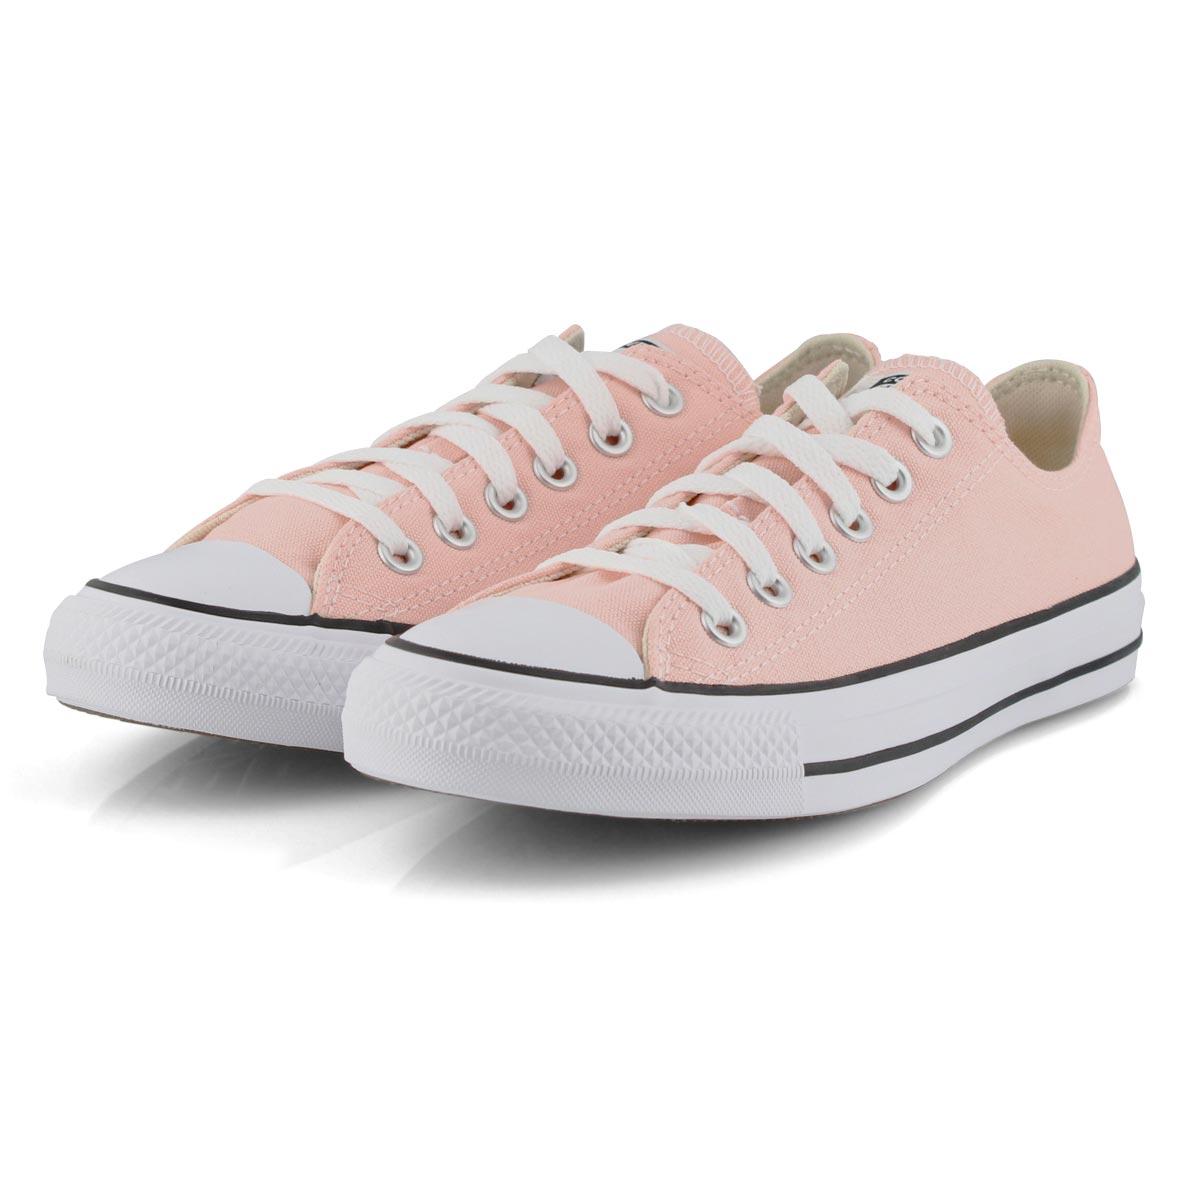 Women's All Star Seasonal Sneaker - Storm Pink